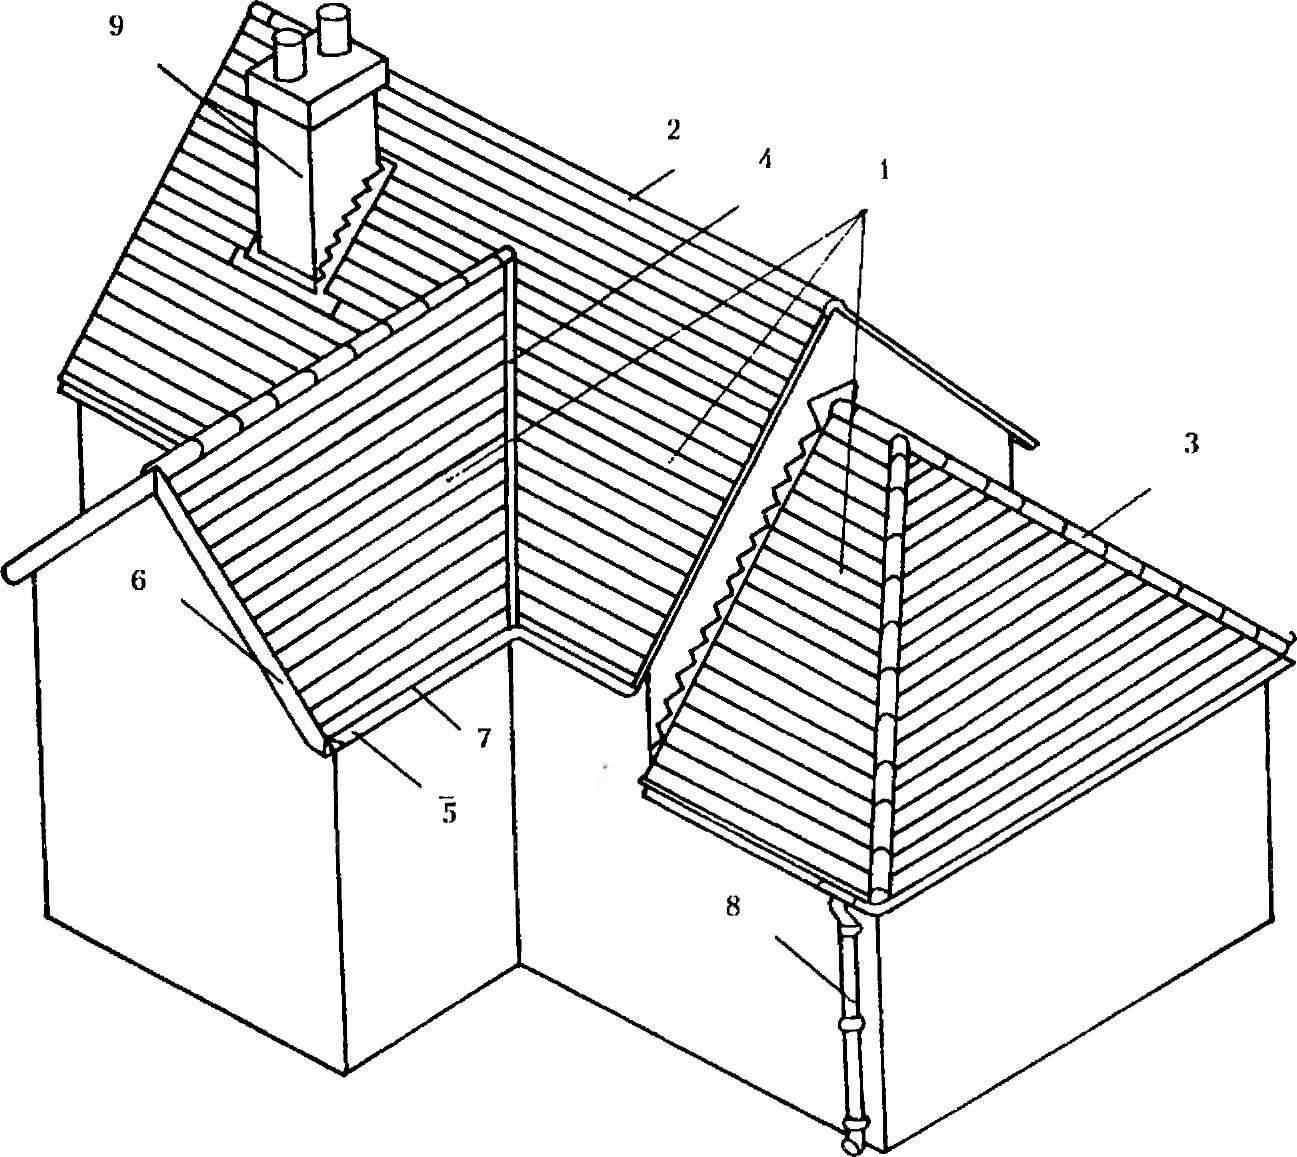 Многощипцовая крыша (57 фото): щипцовая конструкция своими руками, схема многощипцовых конструкций частных домов, устройство кровли - чертеж и проект